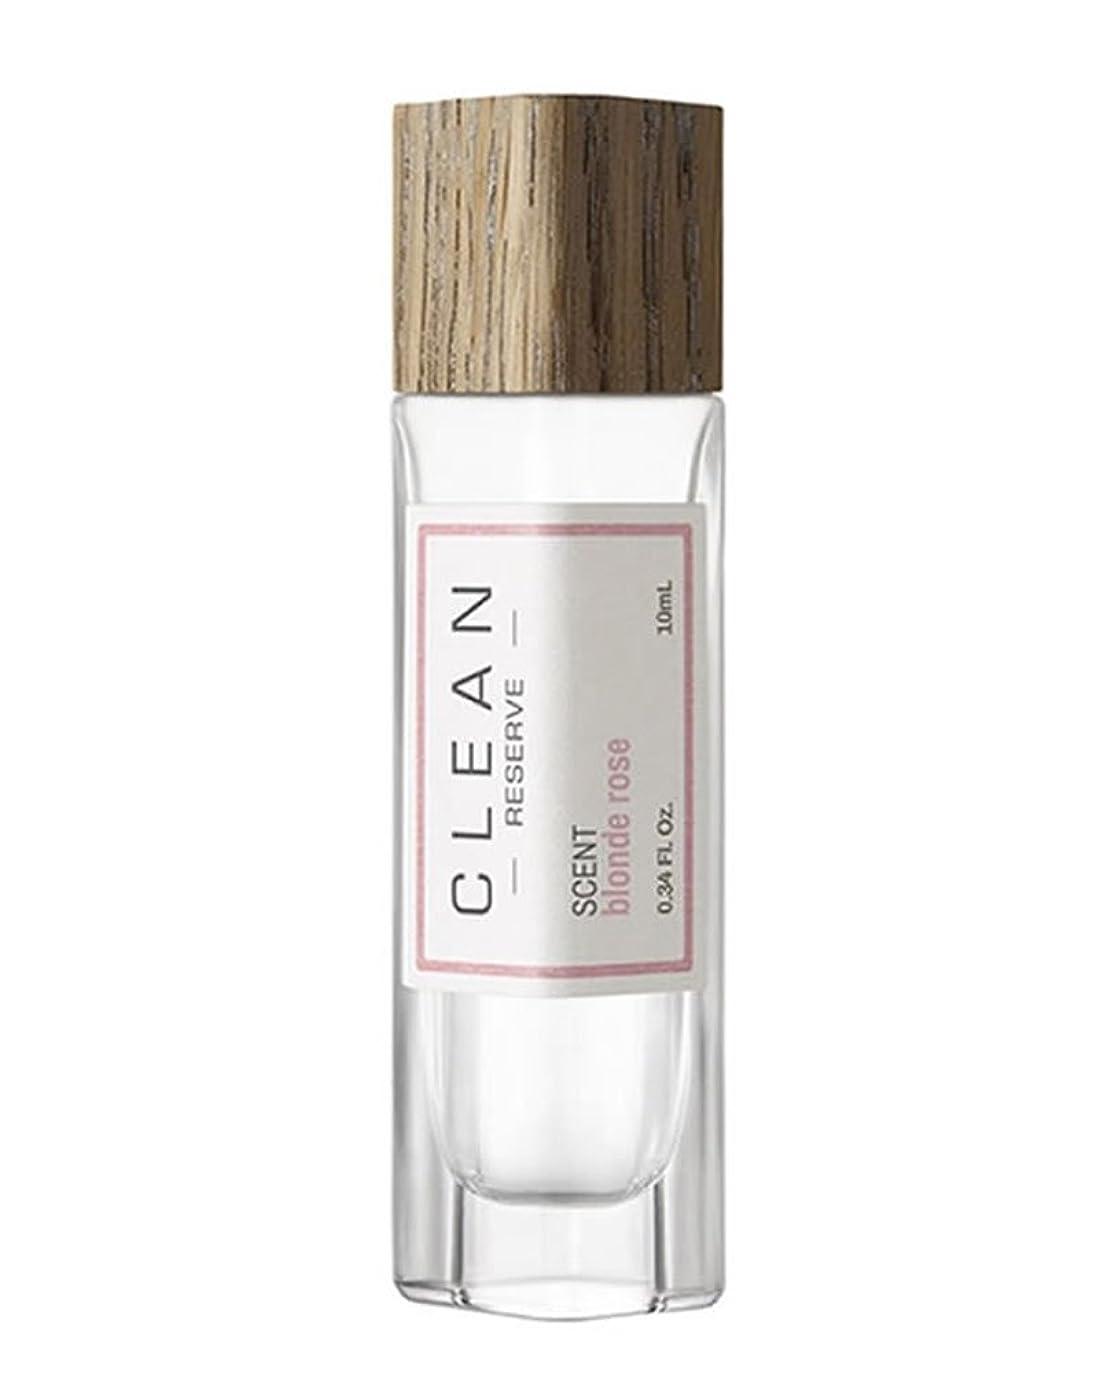 裏切り広げる乱暴なCLEAN RESERVE Blonde Rose クリーンリザーブブロンドローズ 0.34 oz Pen Spray